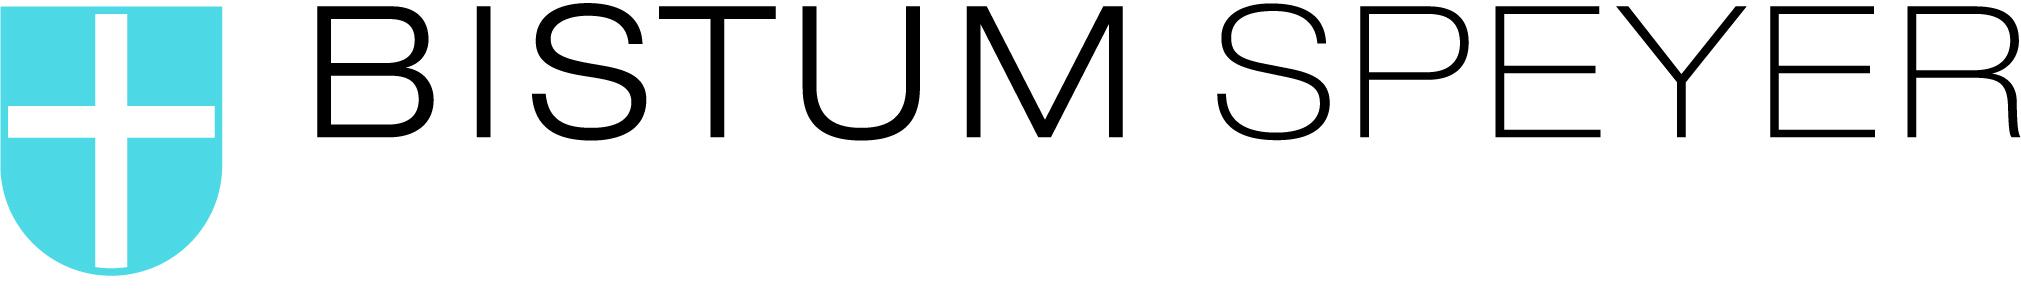 Logo_Bistum_Speyer_4c